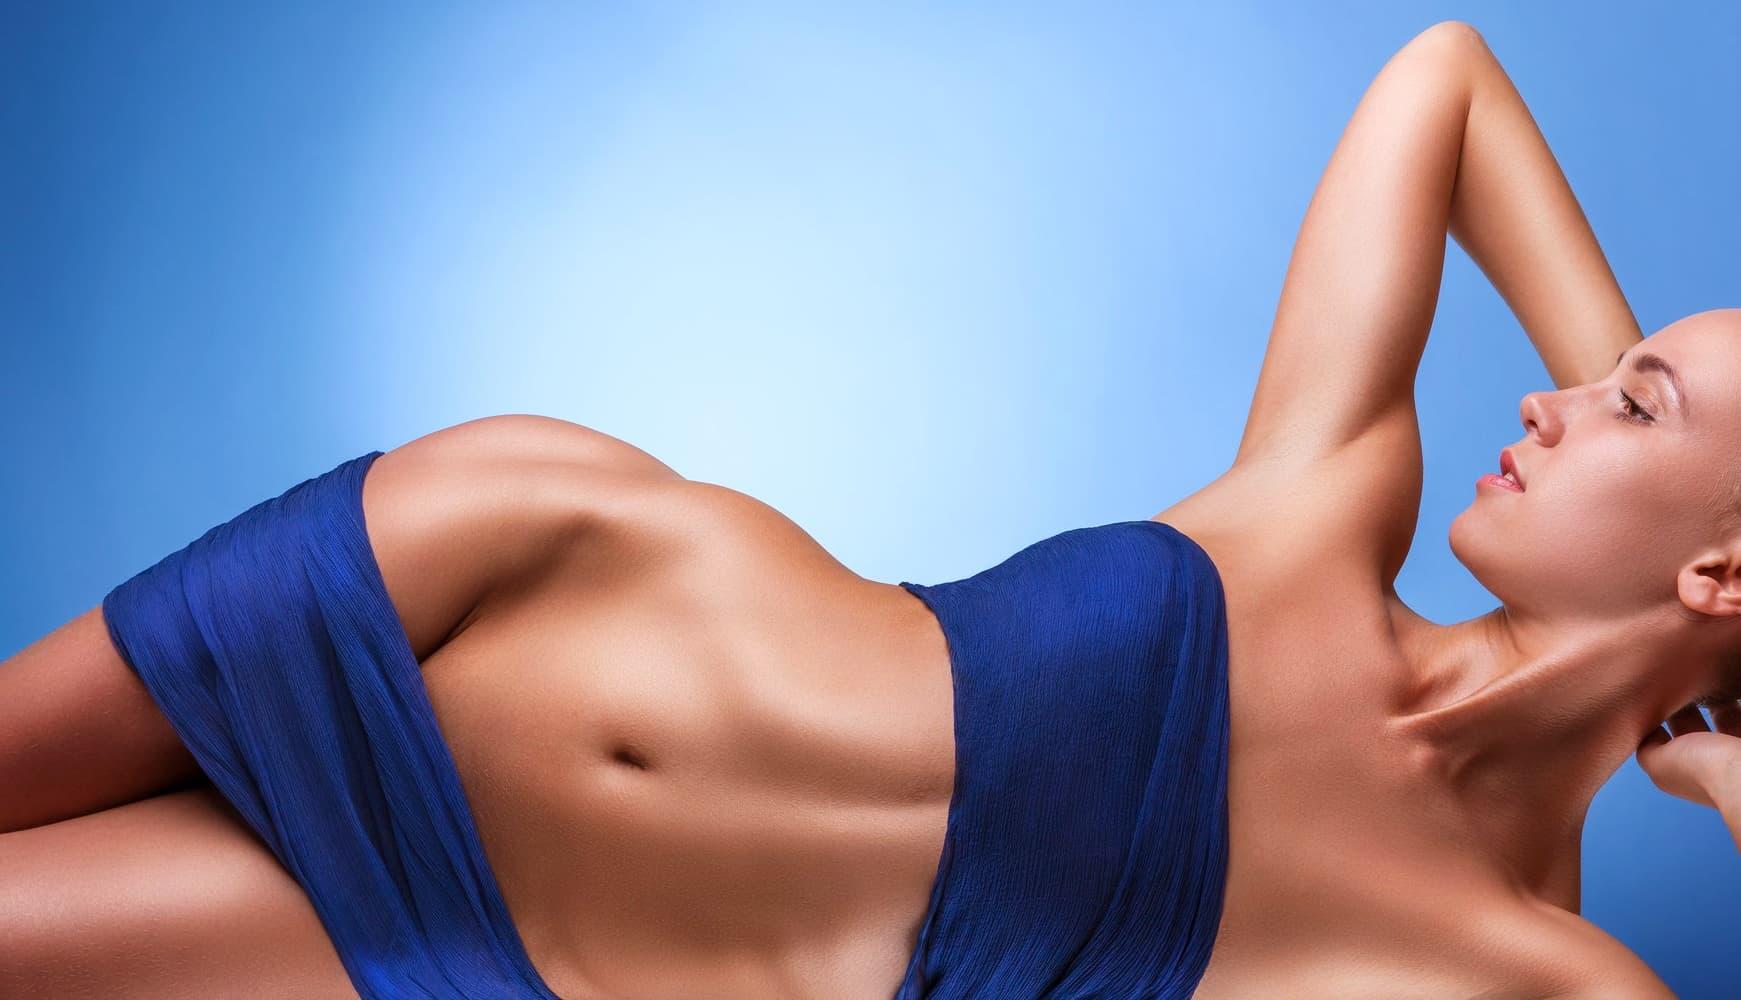 Преимущества и недостатки лазерной эпиляции бикини в косметологии